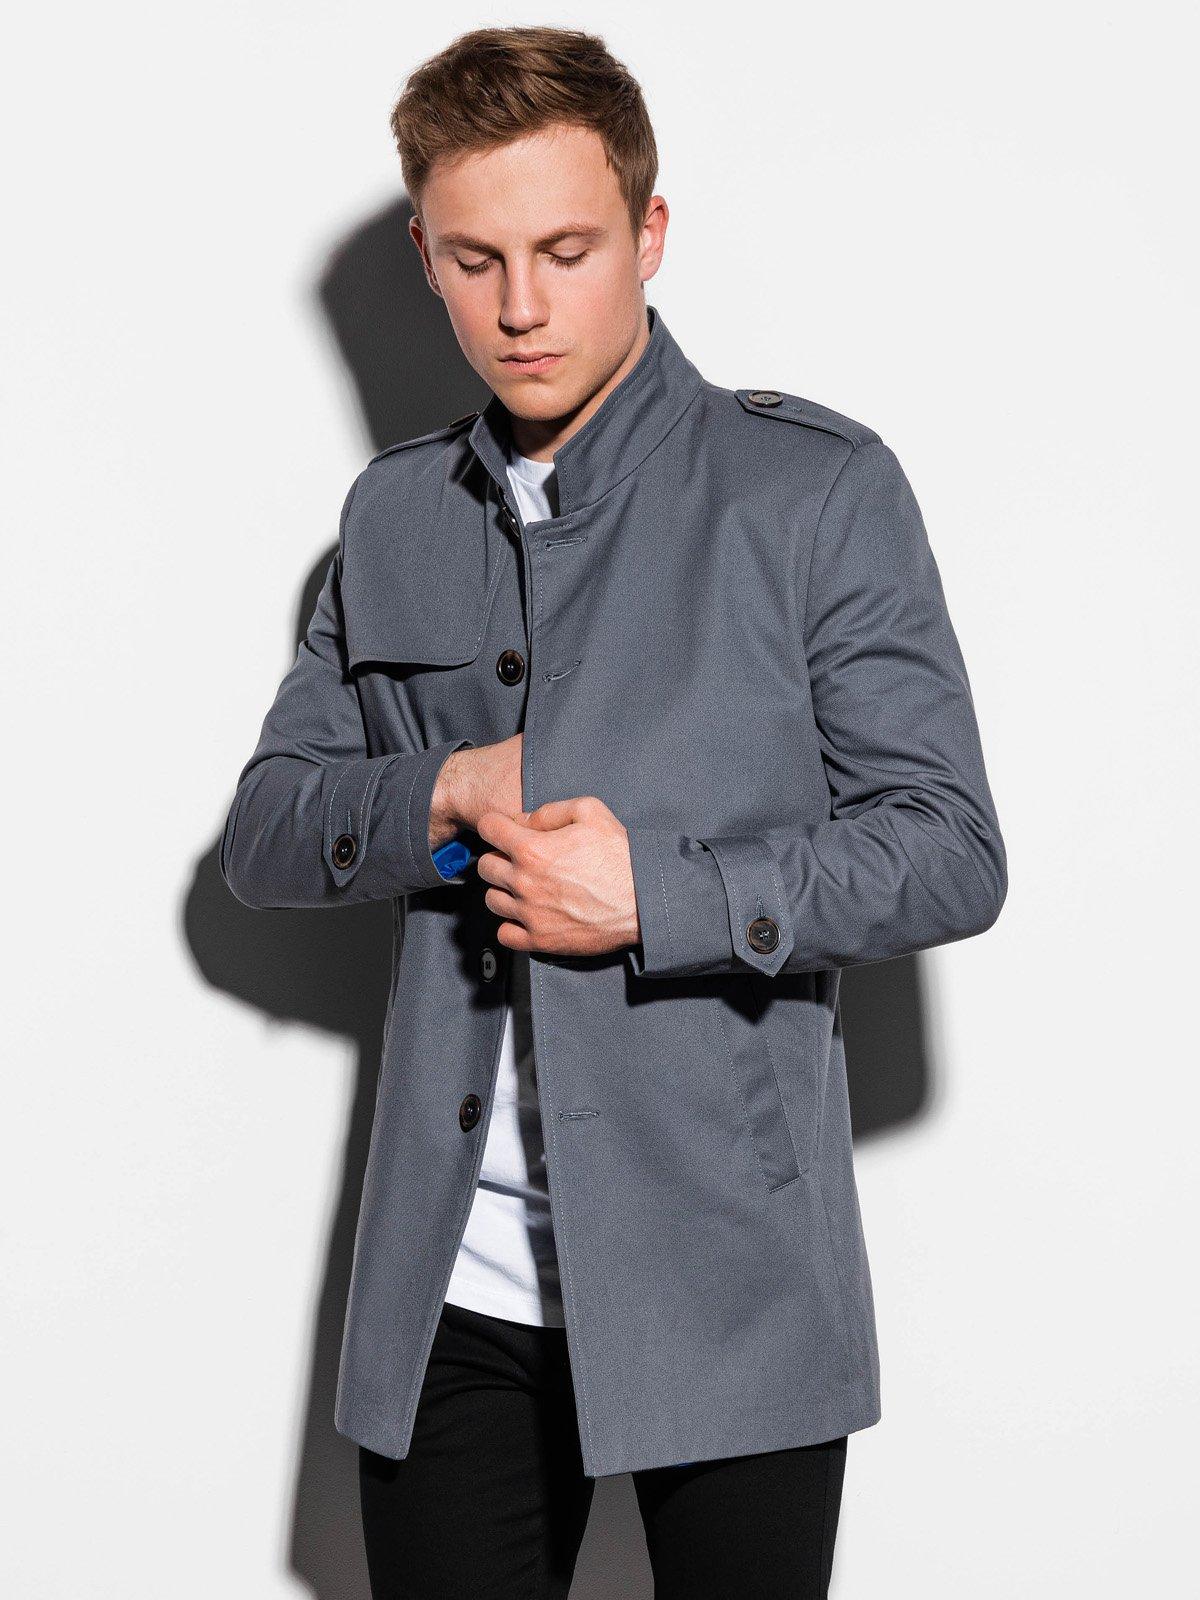 Pánský podzimní kabát k obleku Eliot šedý